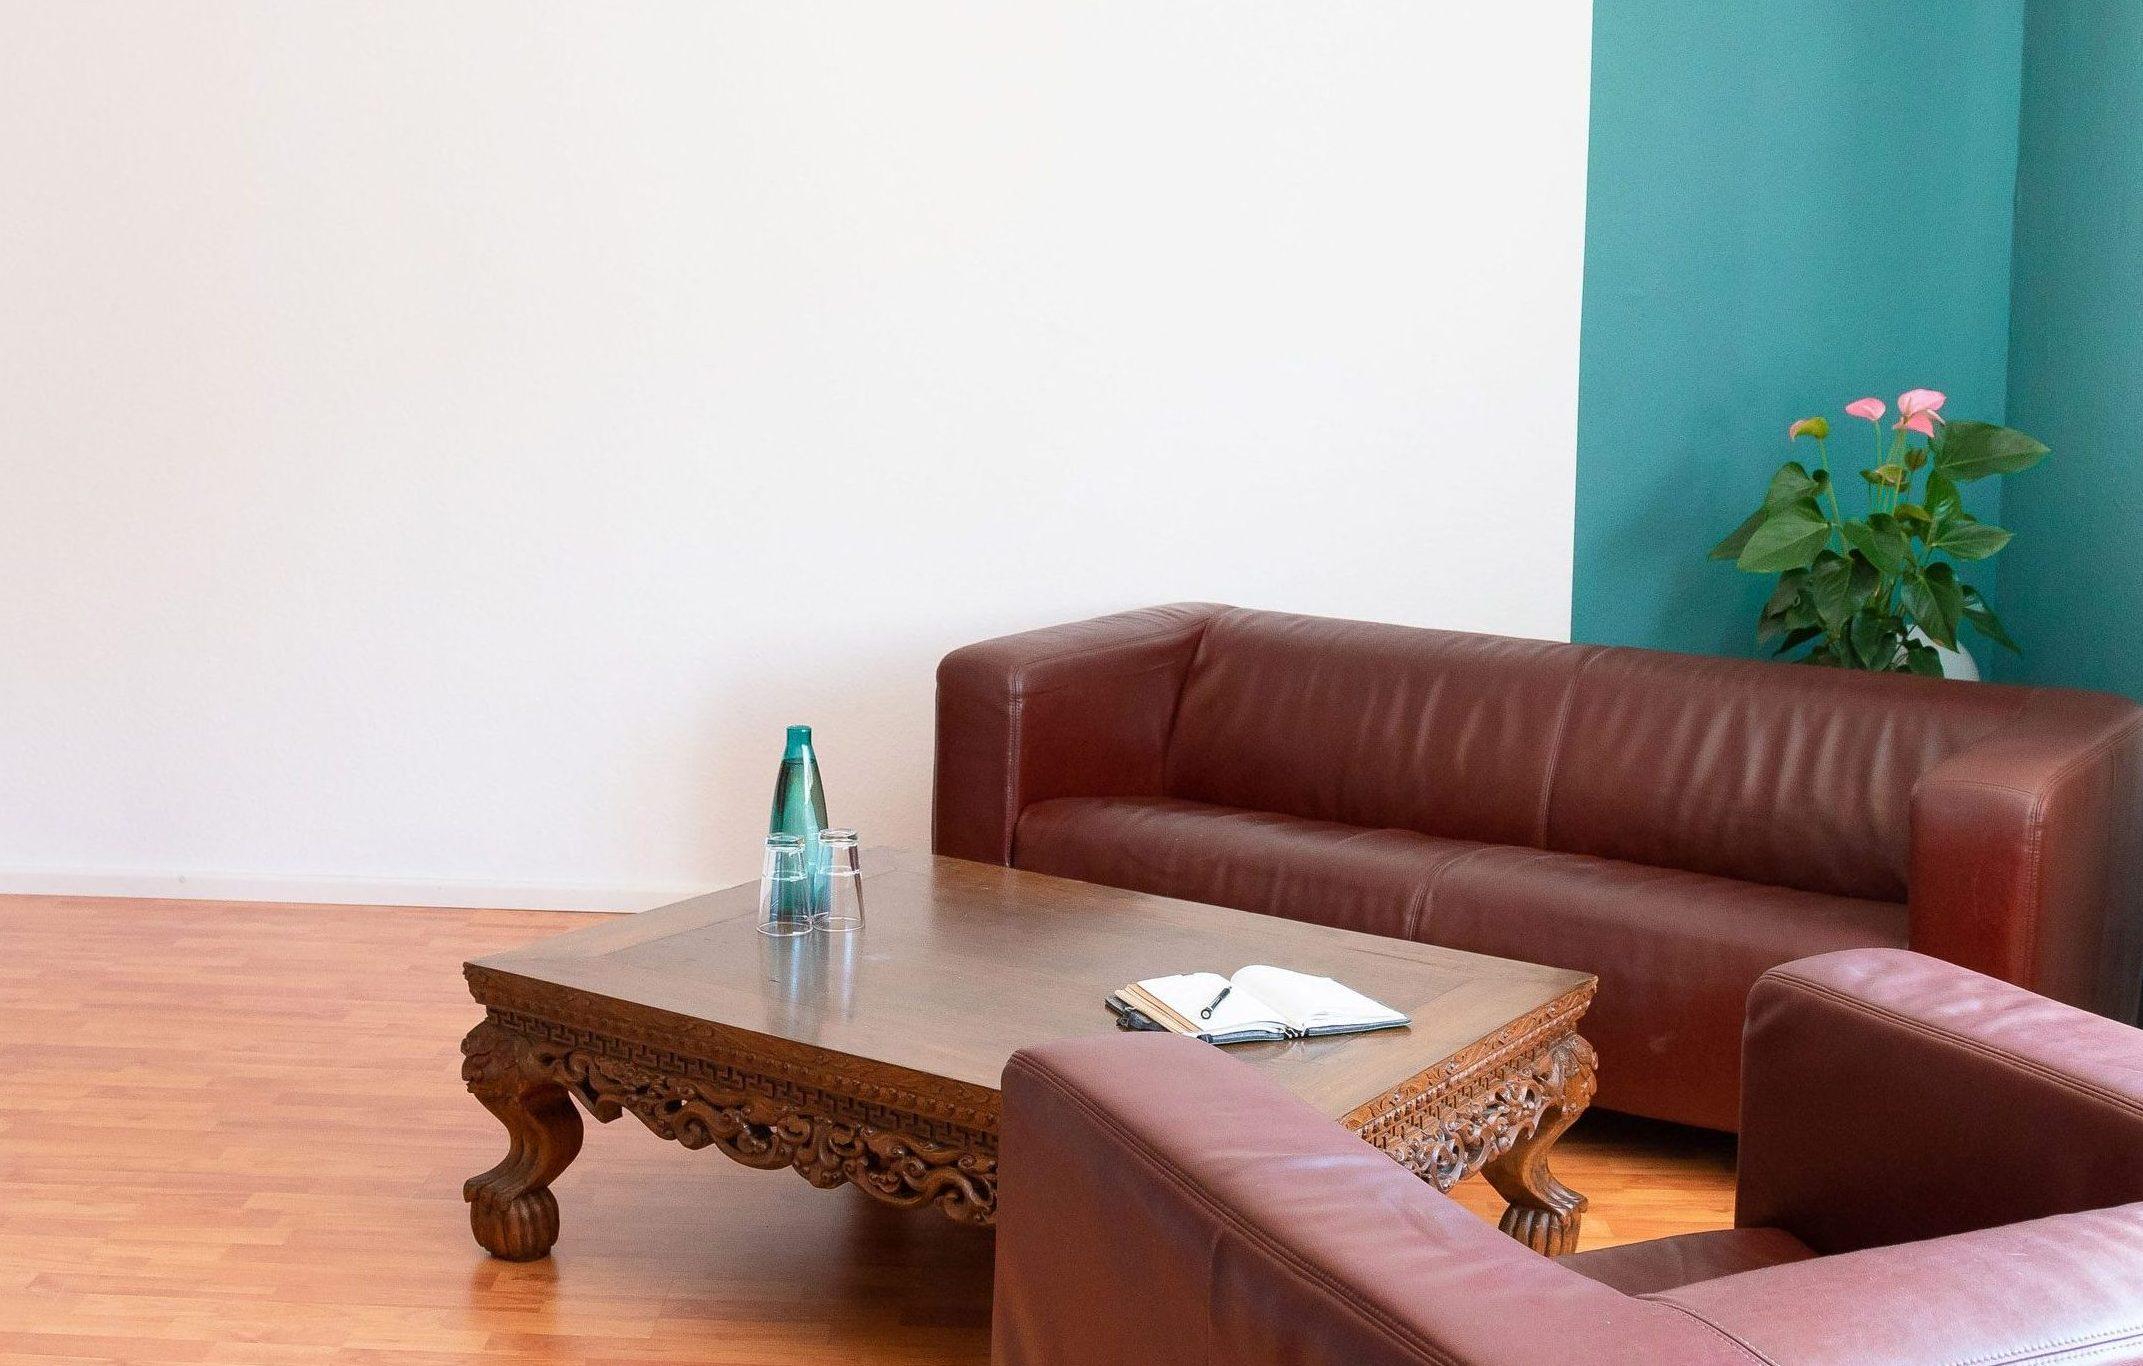 kosten institut f r beziehungsentfaltung saarbr cken. Black Bedroom Furniture Sets. Home Design Ideas